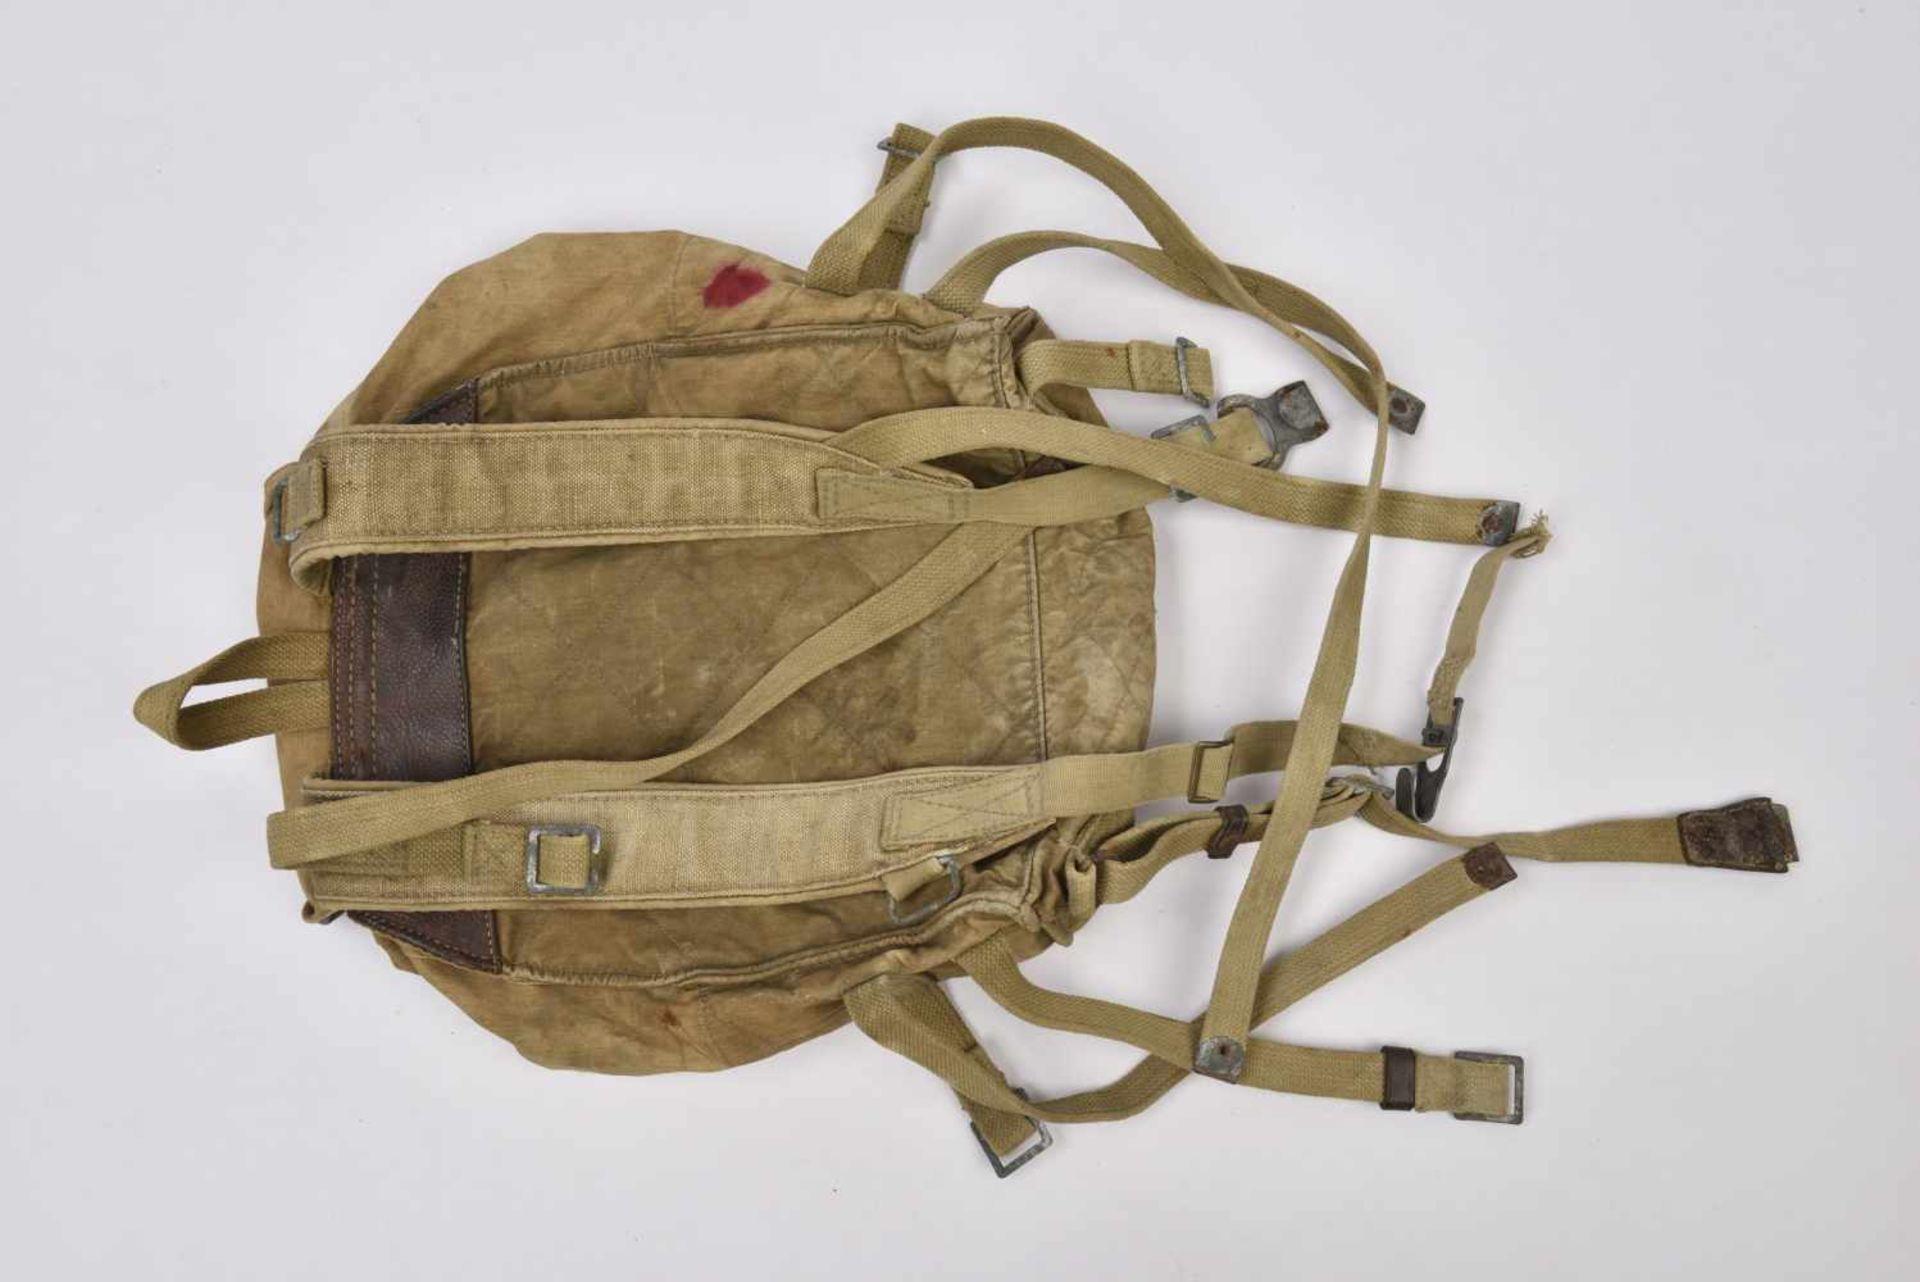 Sac à dos M.41 complet avec toutes ses sangles intégrées. Une languette de pochette manquante. - Bild 4 aus 4